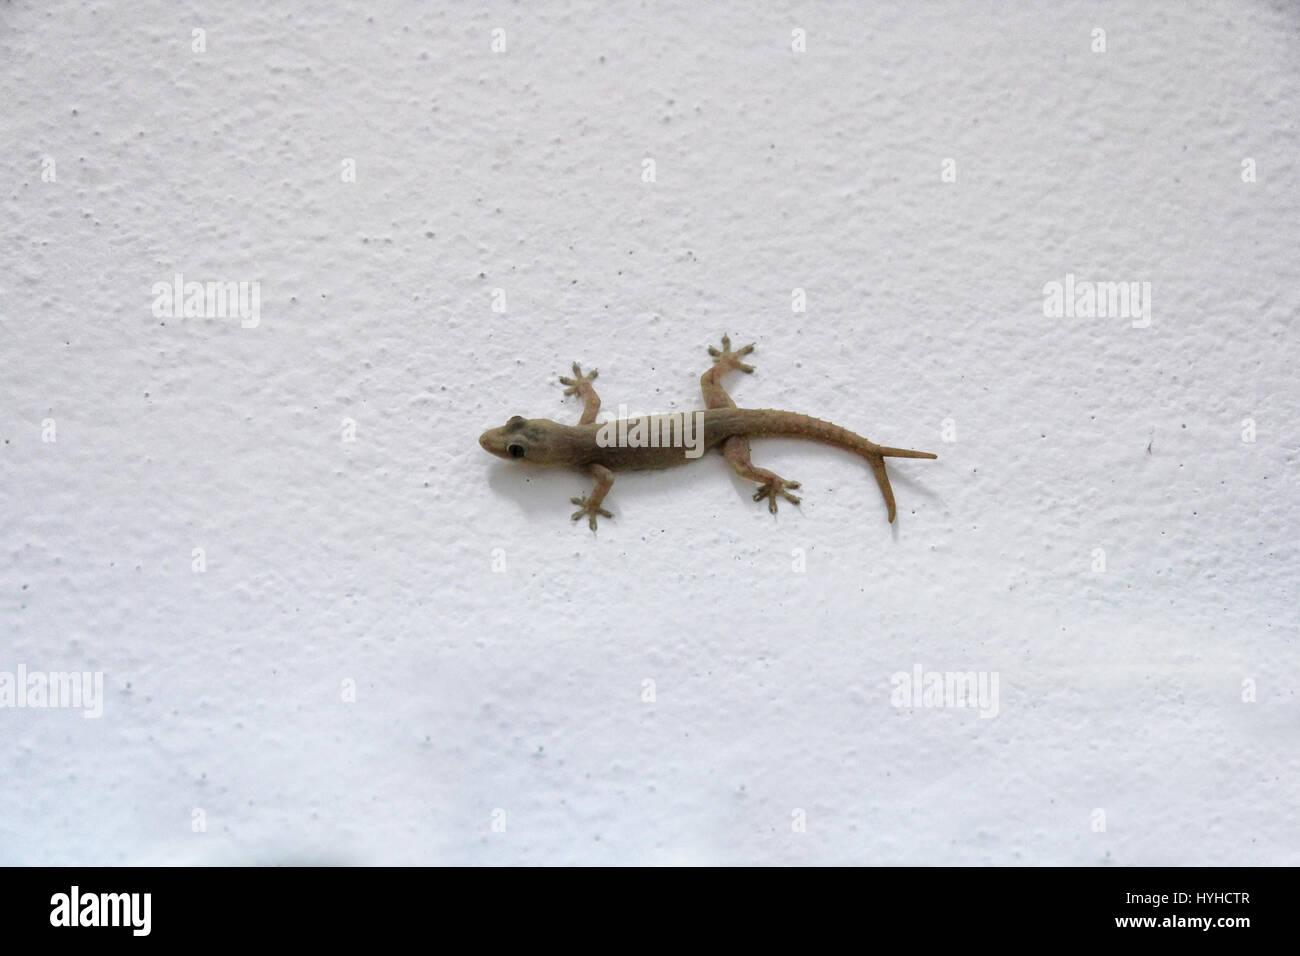 gecko climbing wall stock photos & gecko climbing wall stock